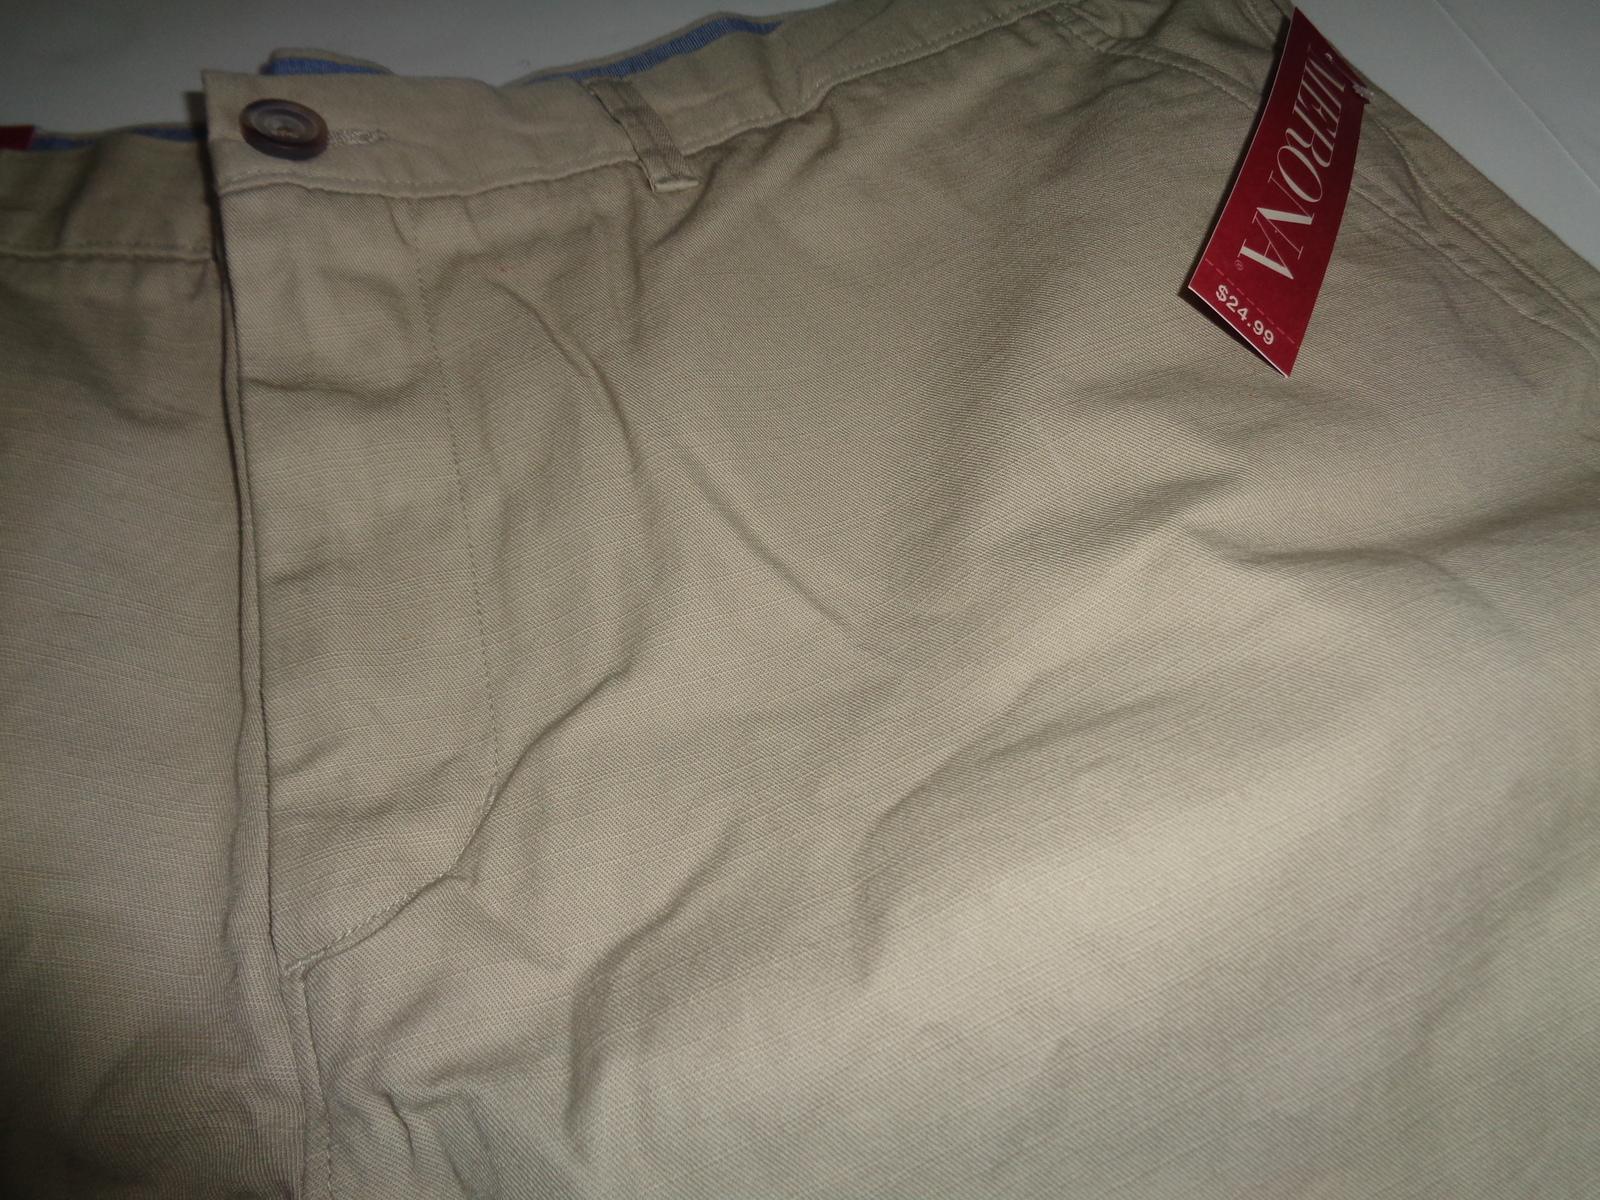 Merona The Club Khaki Men's Shorts NWT  Sz 42 Flat Front